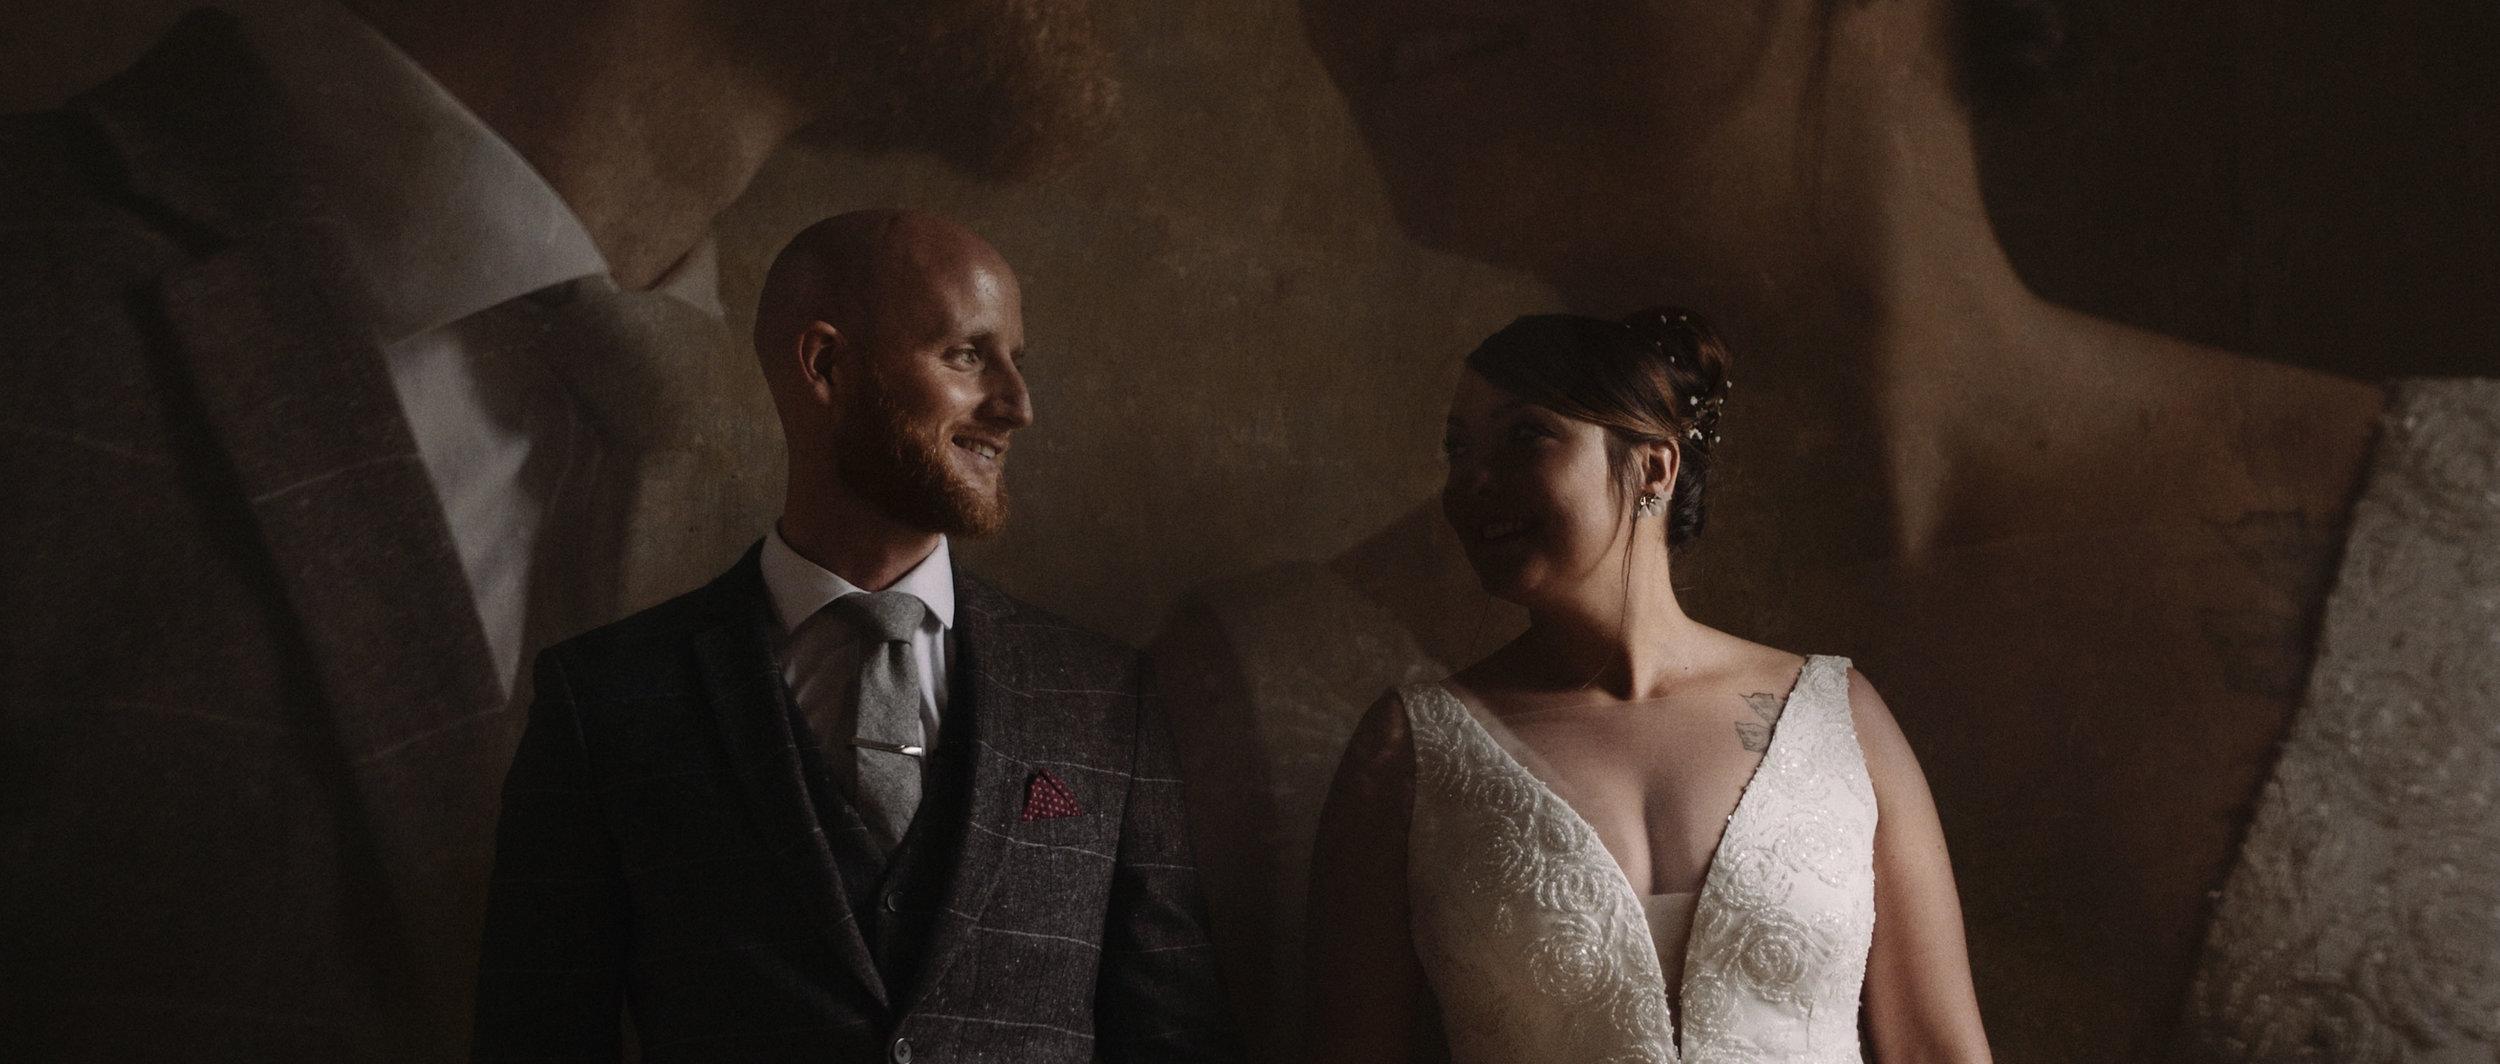 Emma & Mark - A french-irish moody weddingChâteau de Marsales - Dordogne